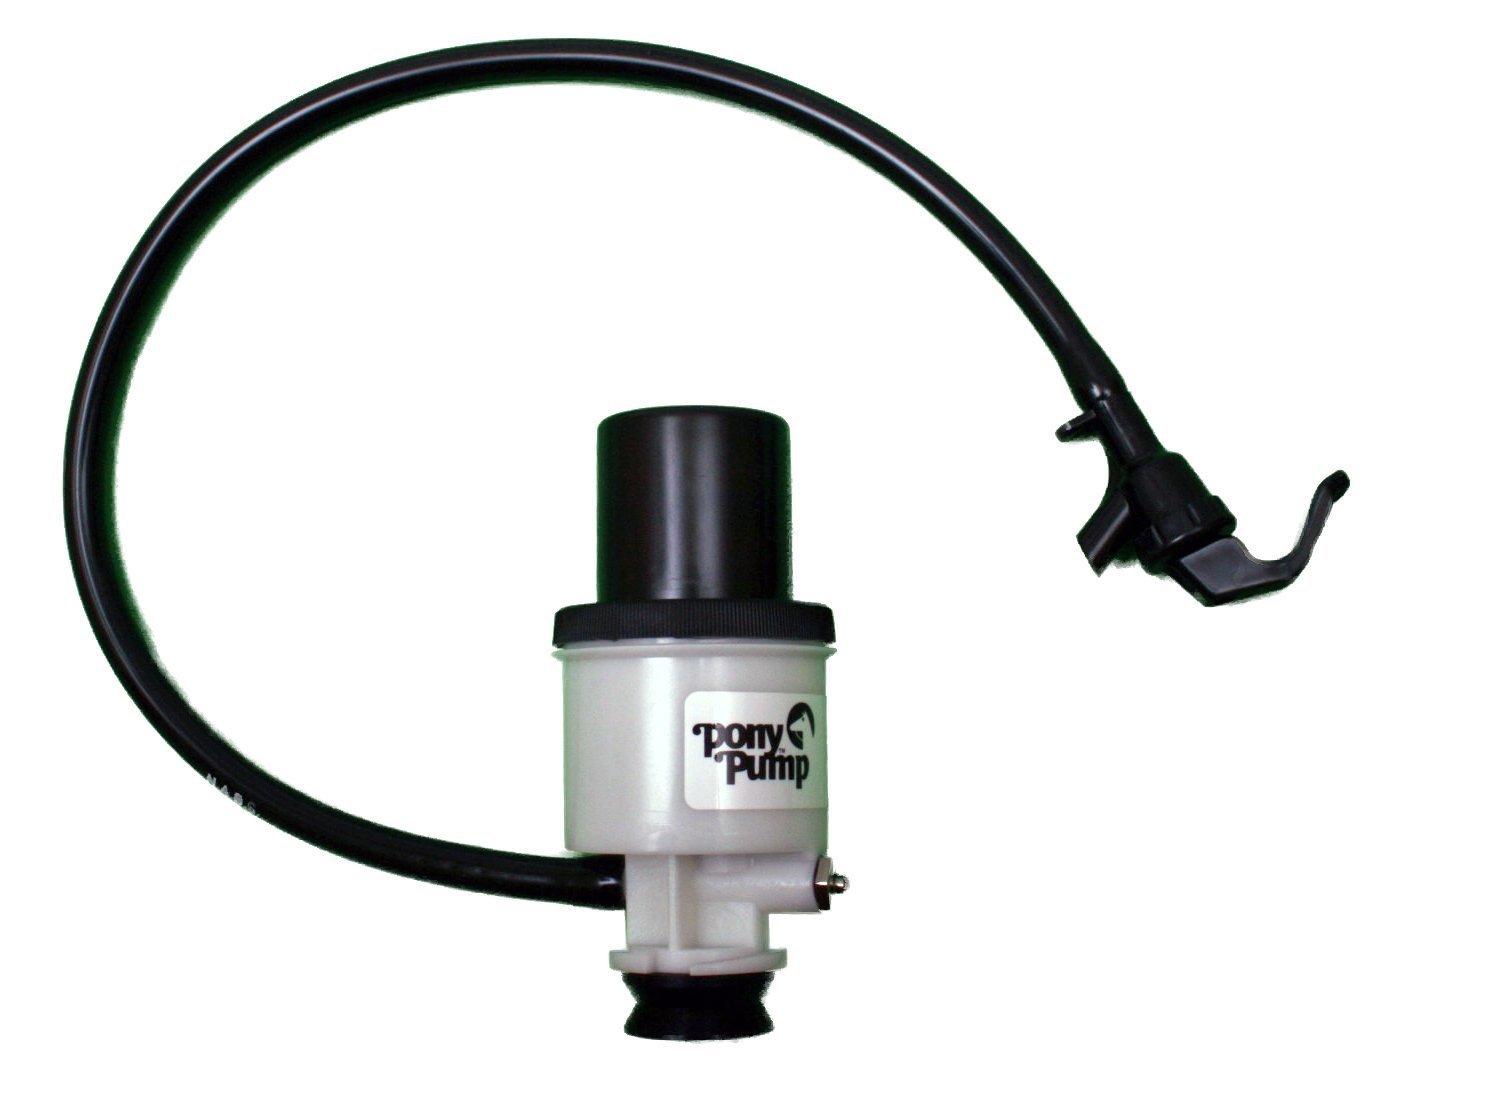 Taprite Pony Pump, Sanke D Keg Pump sold by Kegconnection